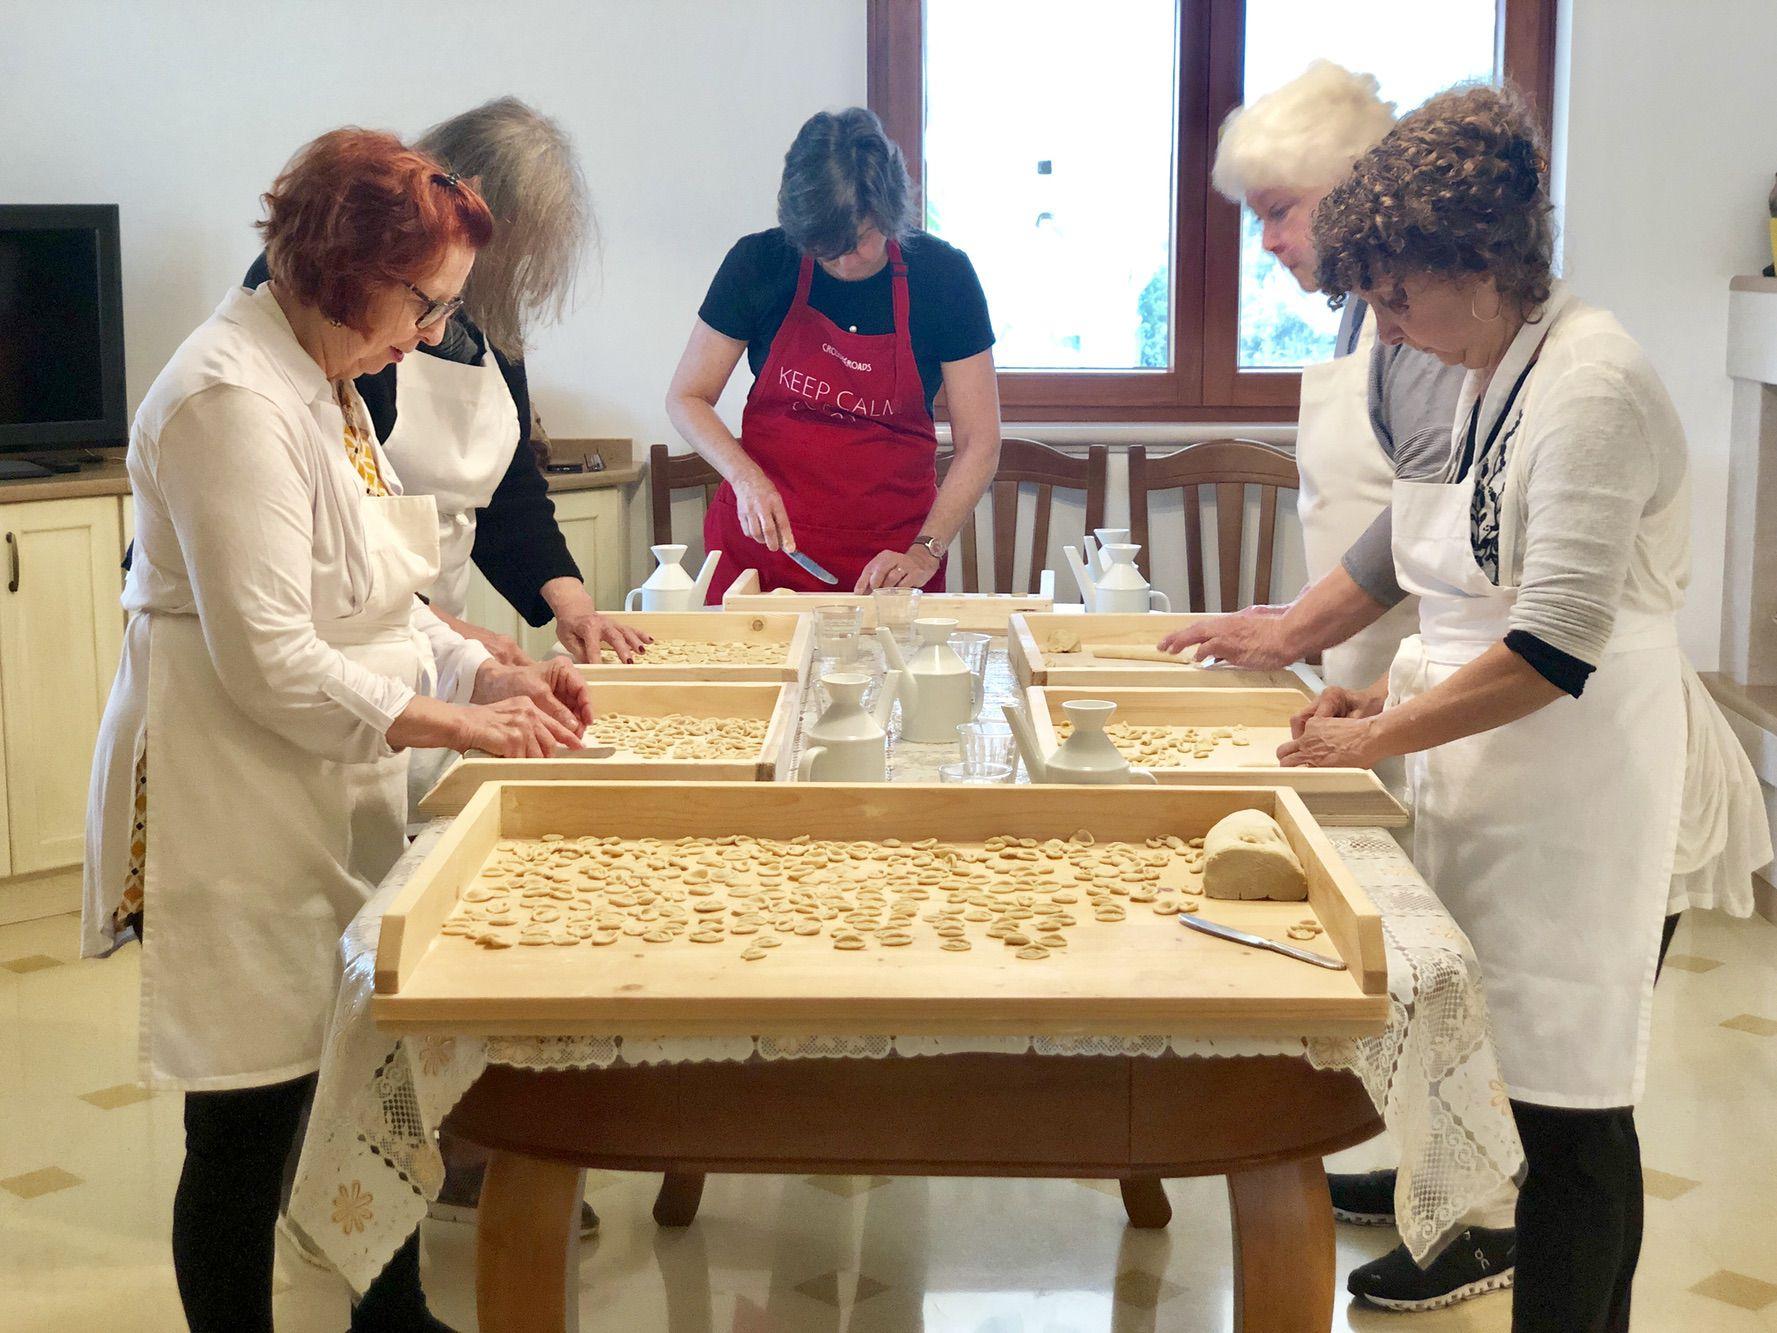 Aprendendo a fazer massas na Puglia